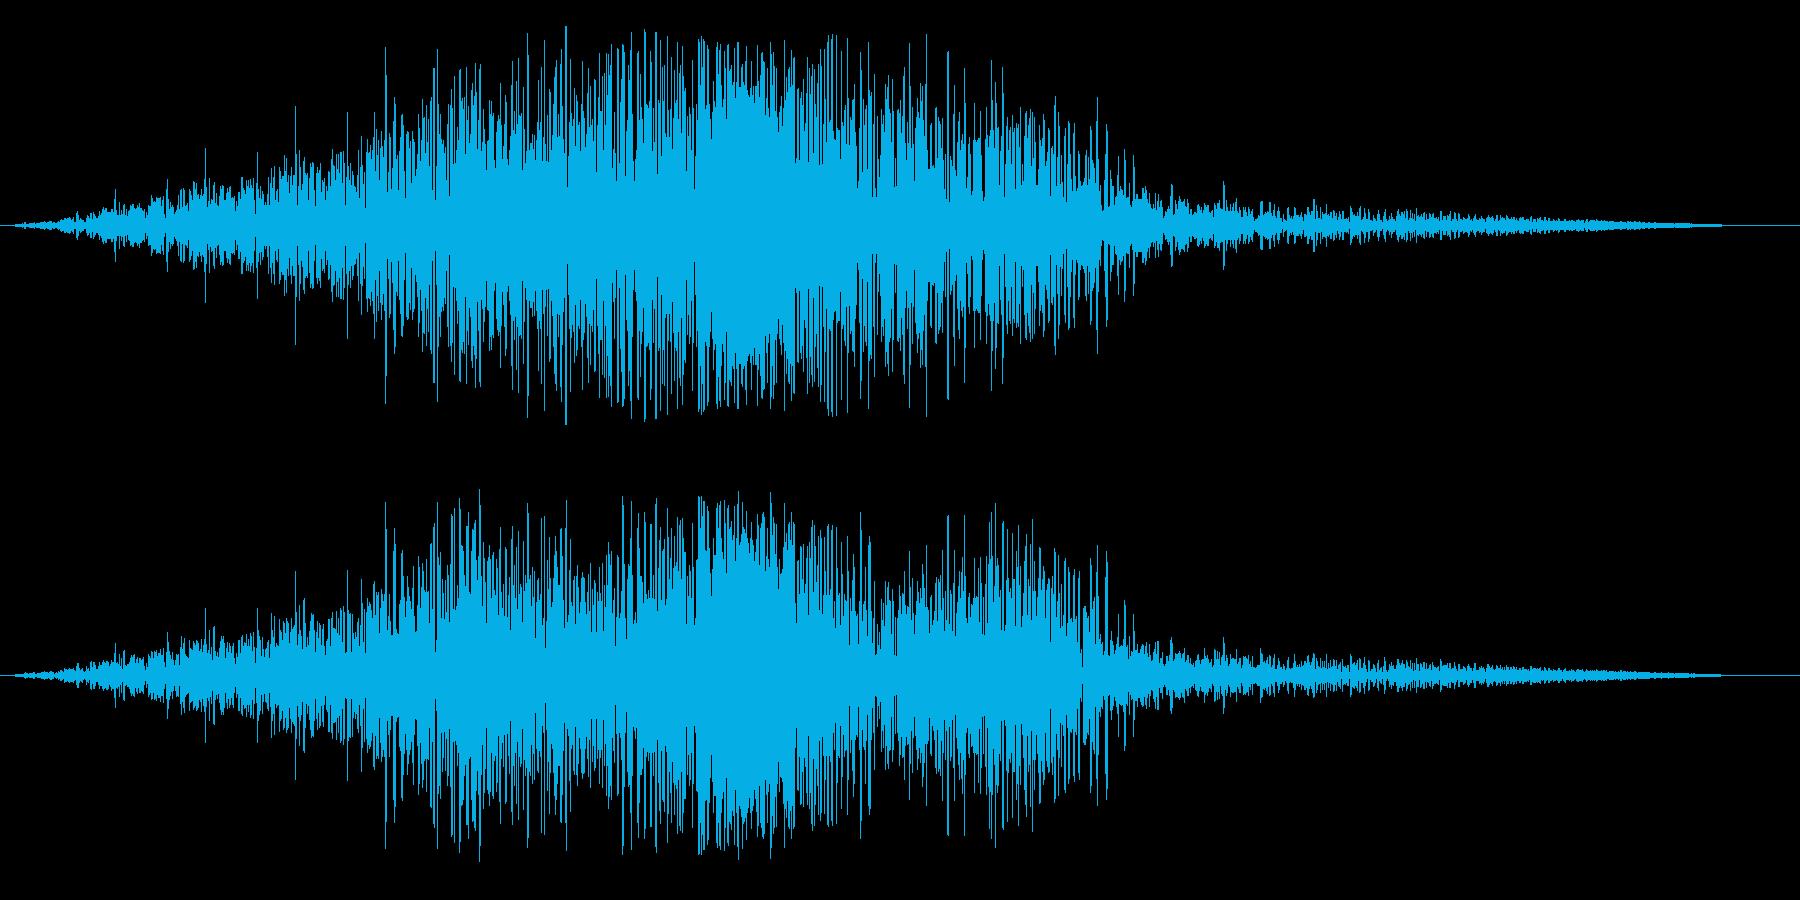 ビヨ〜ン(未知の生物が通り過ぎる音)の再生済みの波形